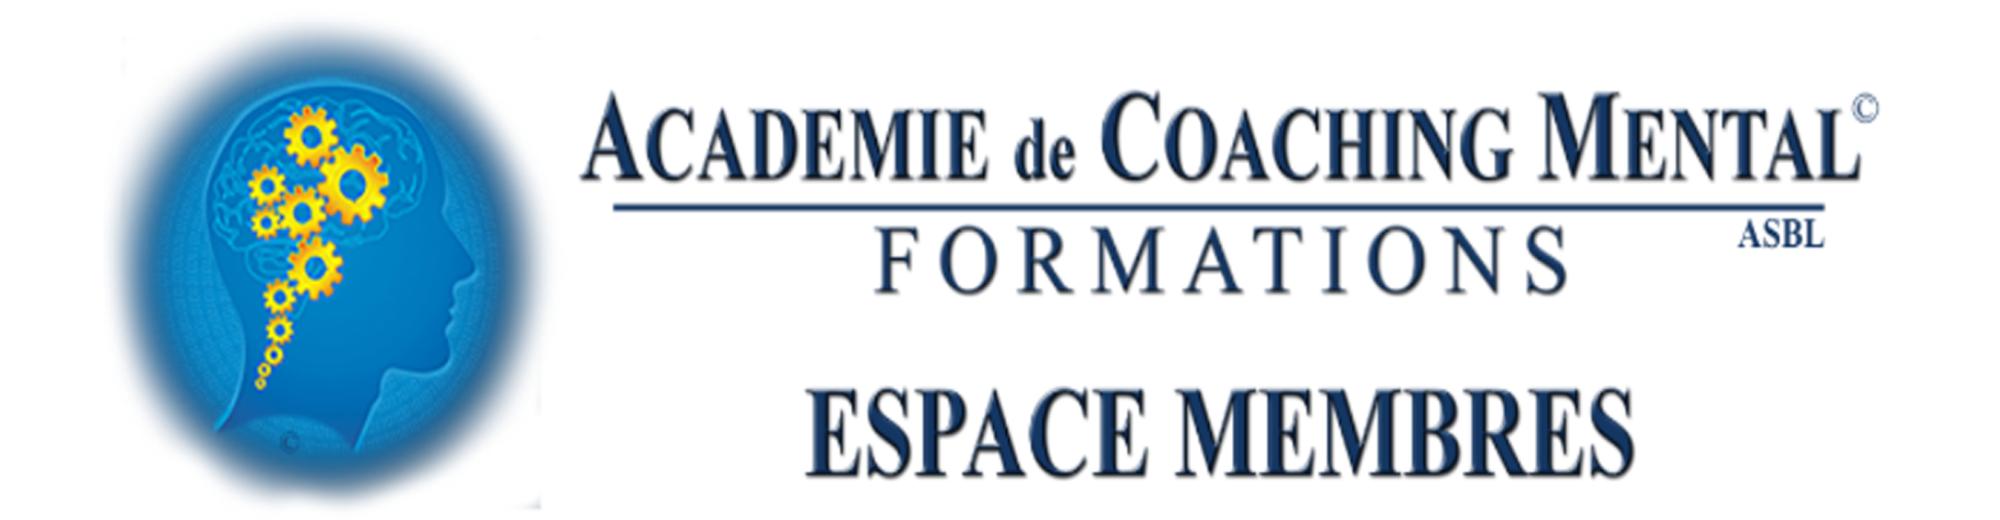 Espace personnel Académie de Coaching Mental